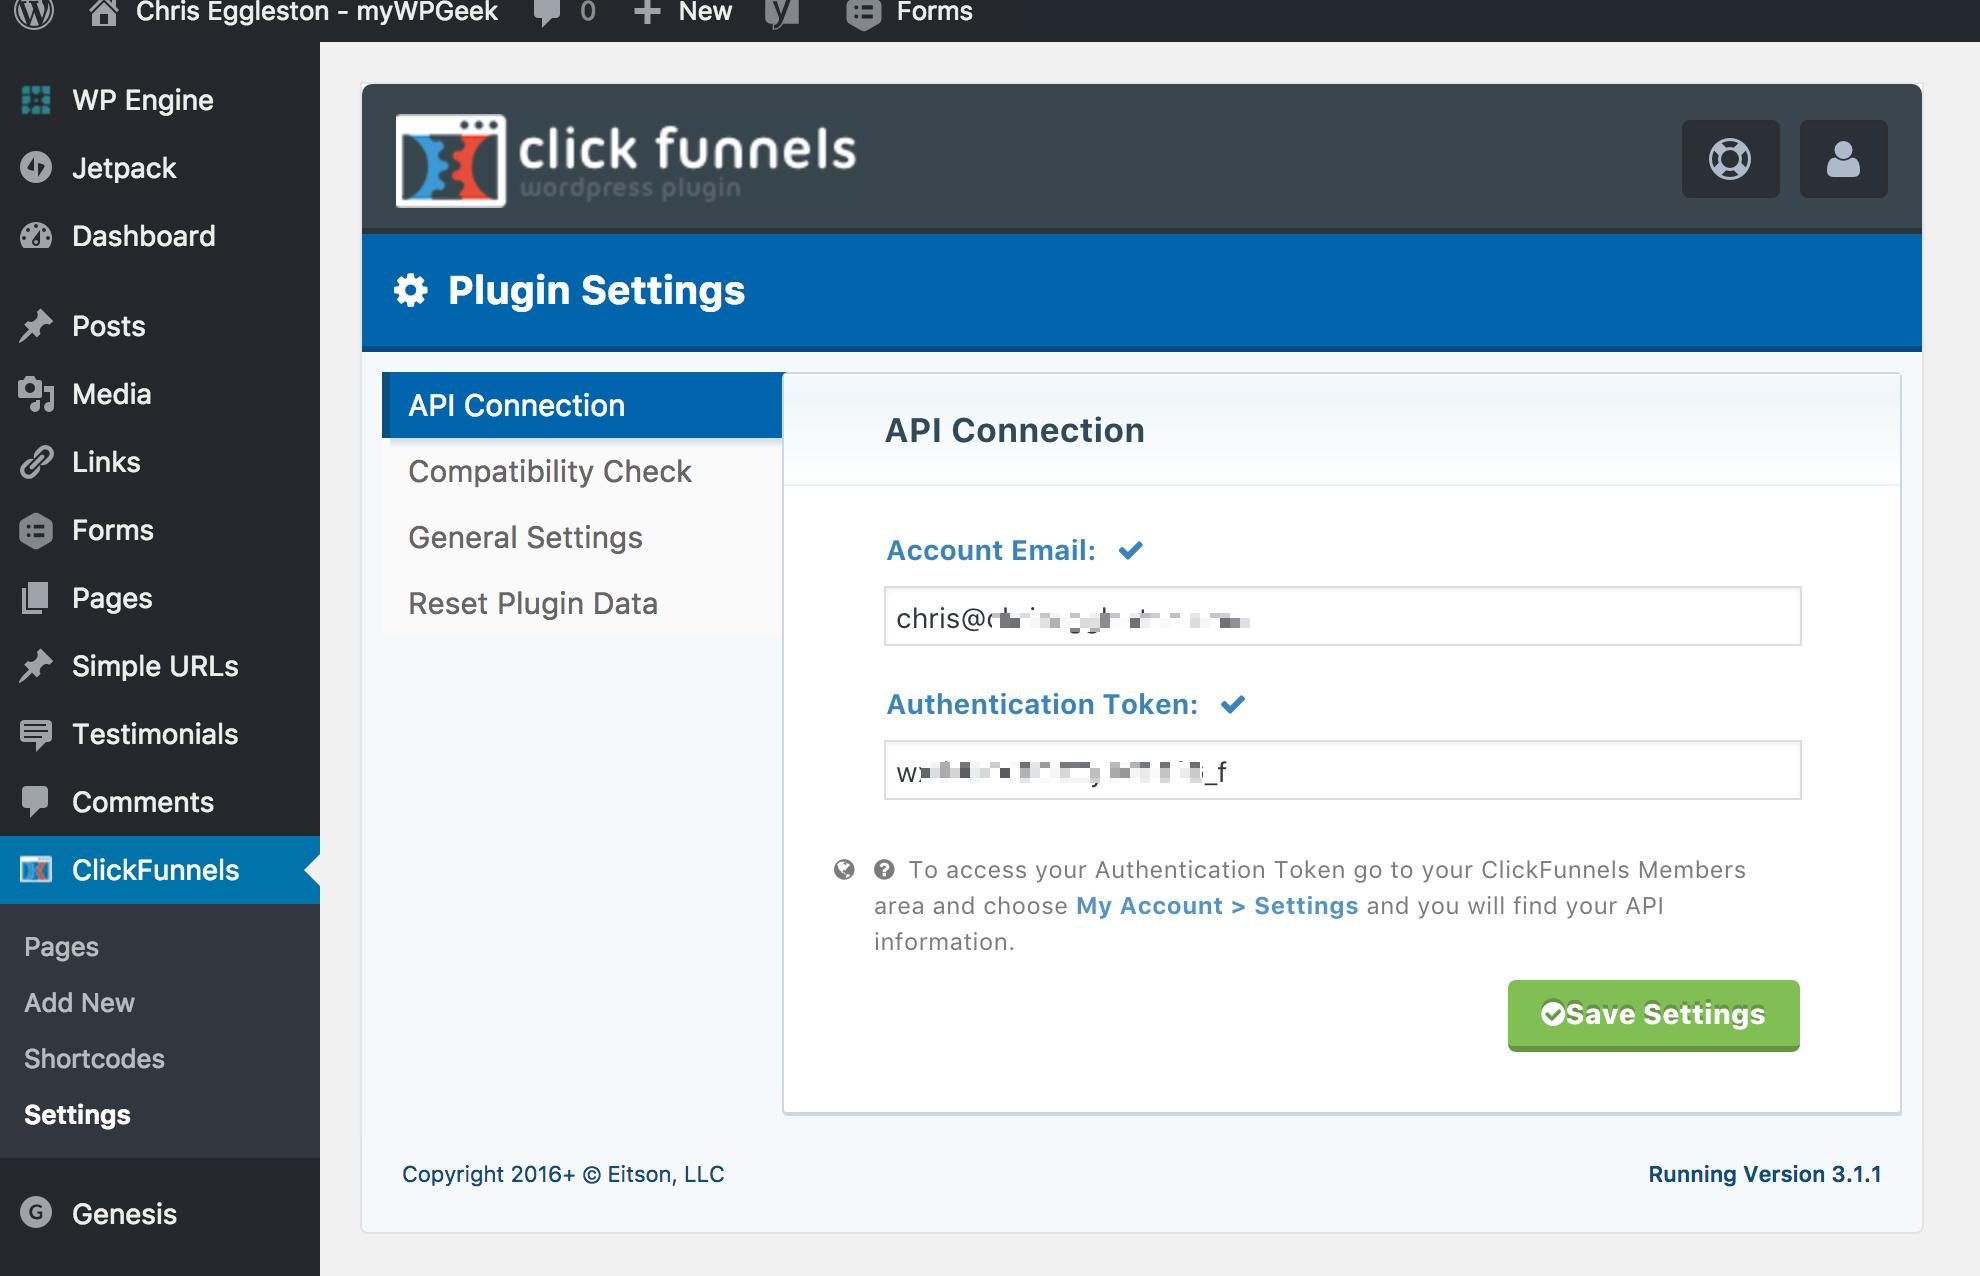 WordPress ClickFunnels Integration